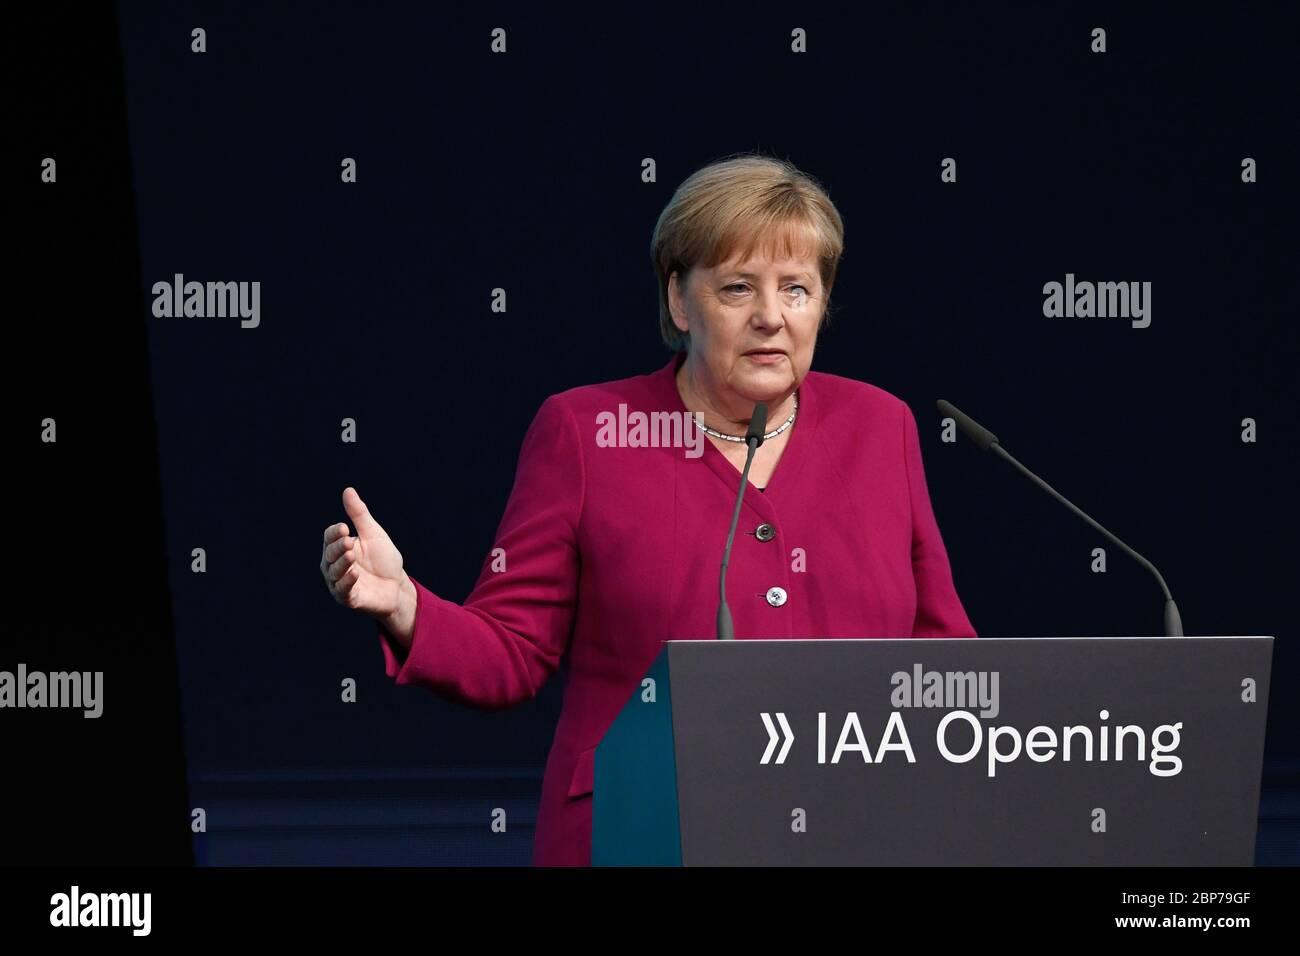 Eroeffnung der Internationalen Automobil-Ausstellung IAA 2019 auf dem Messegelaende Frankfurt am Main am 12.09.2019 Stock Photo